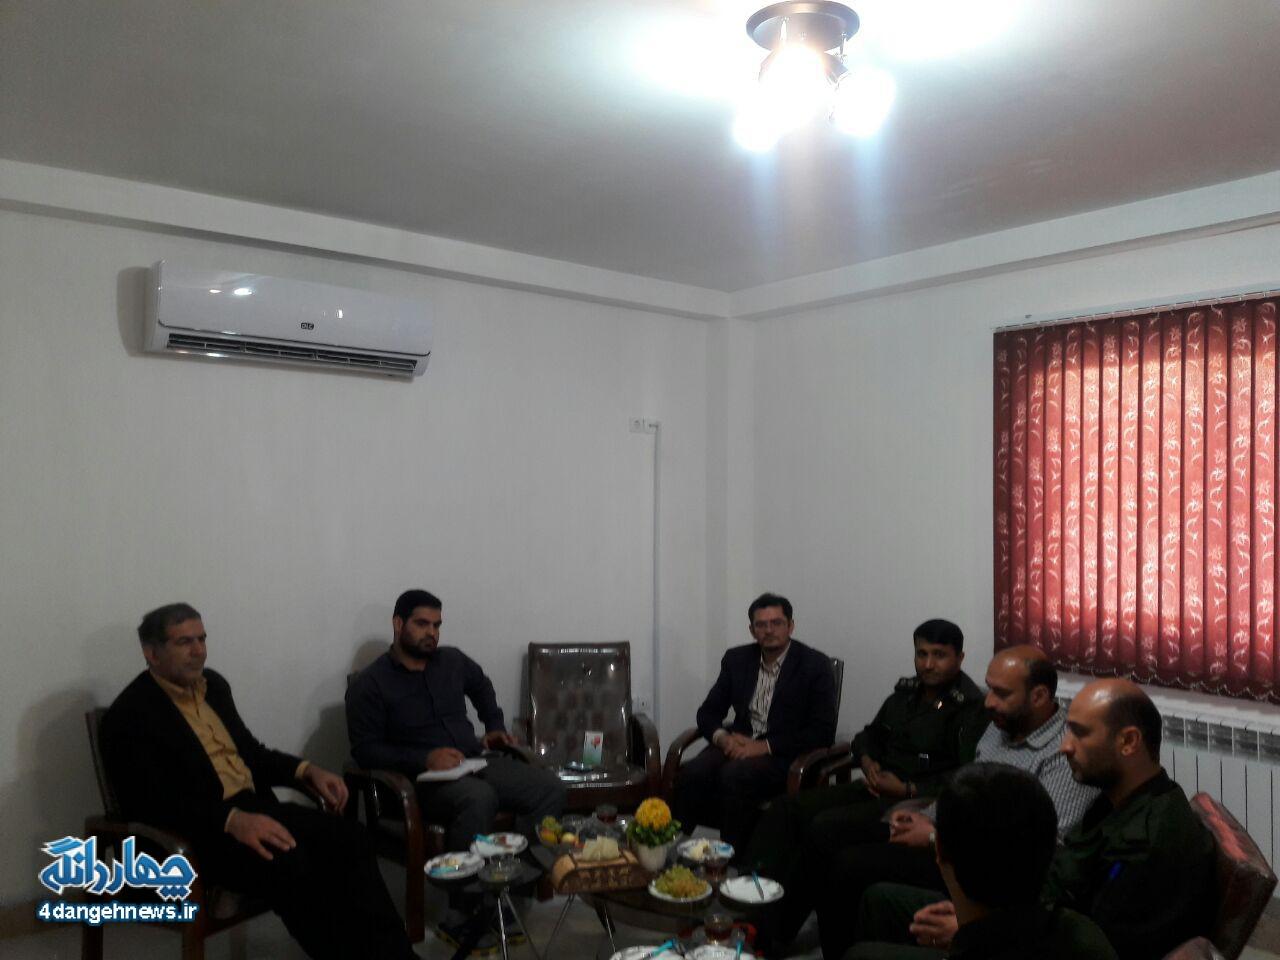 جلسه مشترک سپاه چهاردانگه با اعضای شورای شهر کیاسر